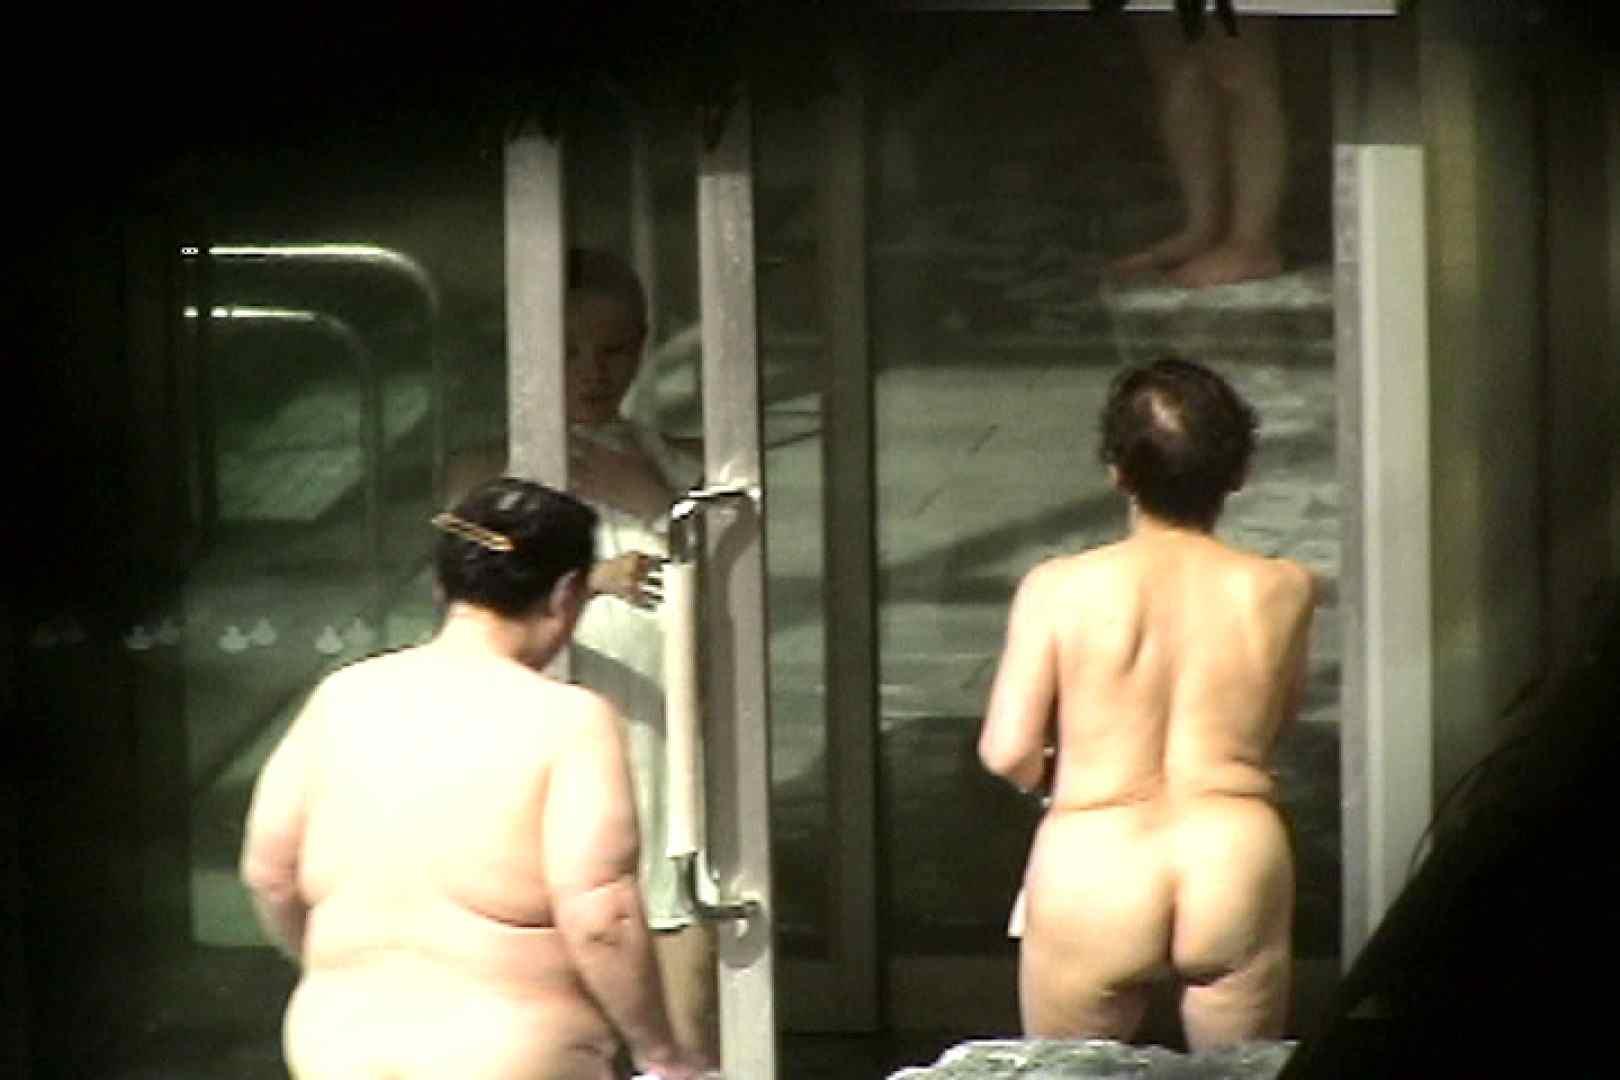 Aquaな露天風呂Vol.707 美しいOLの裸体 ヌード画像 75pic 68